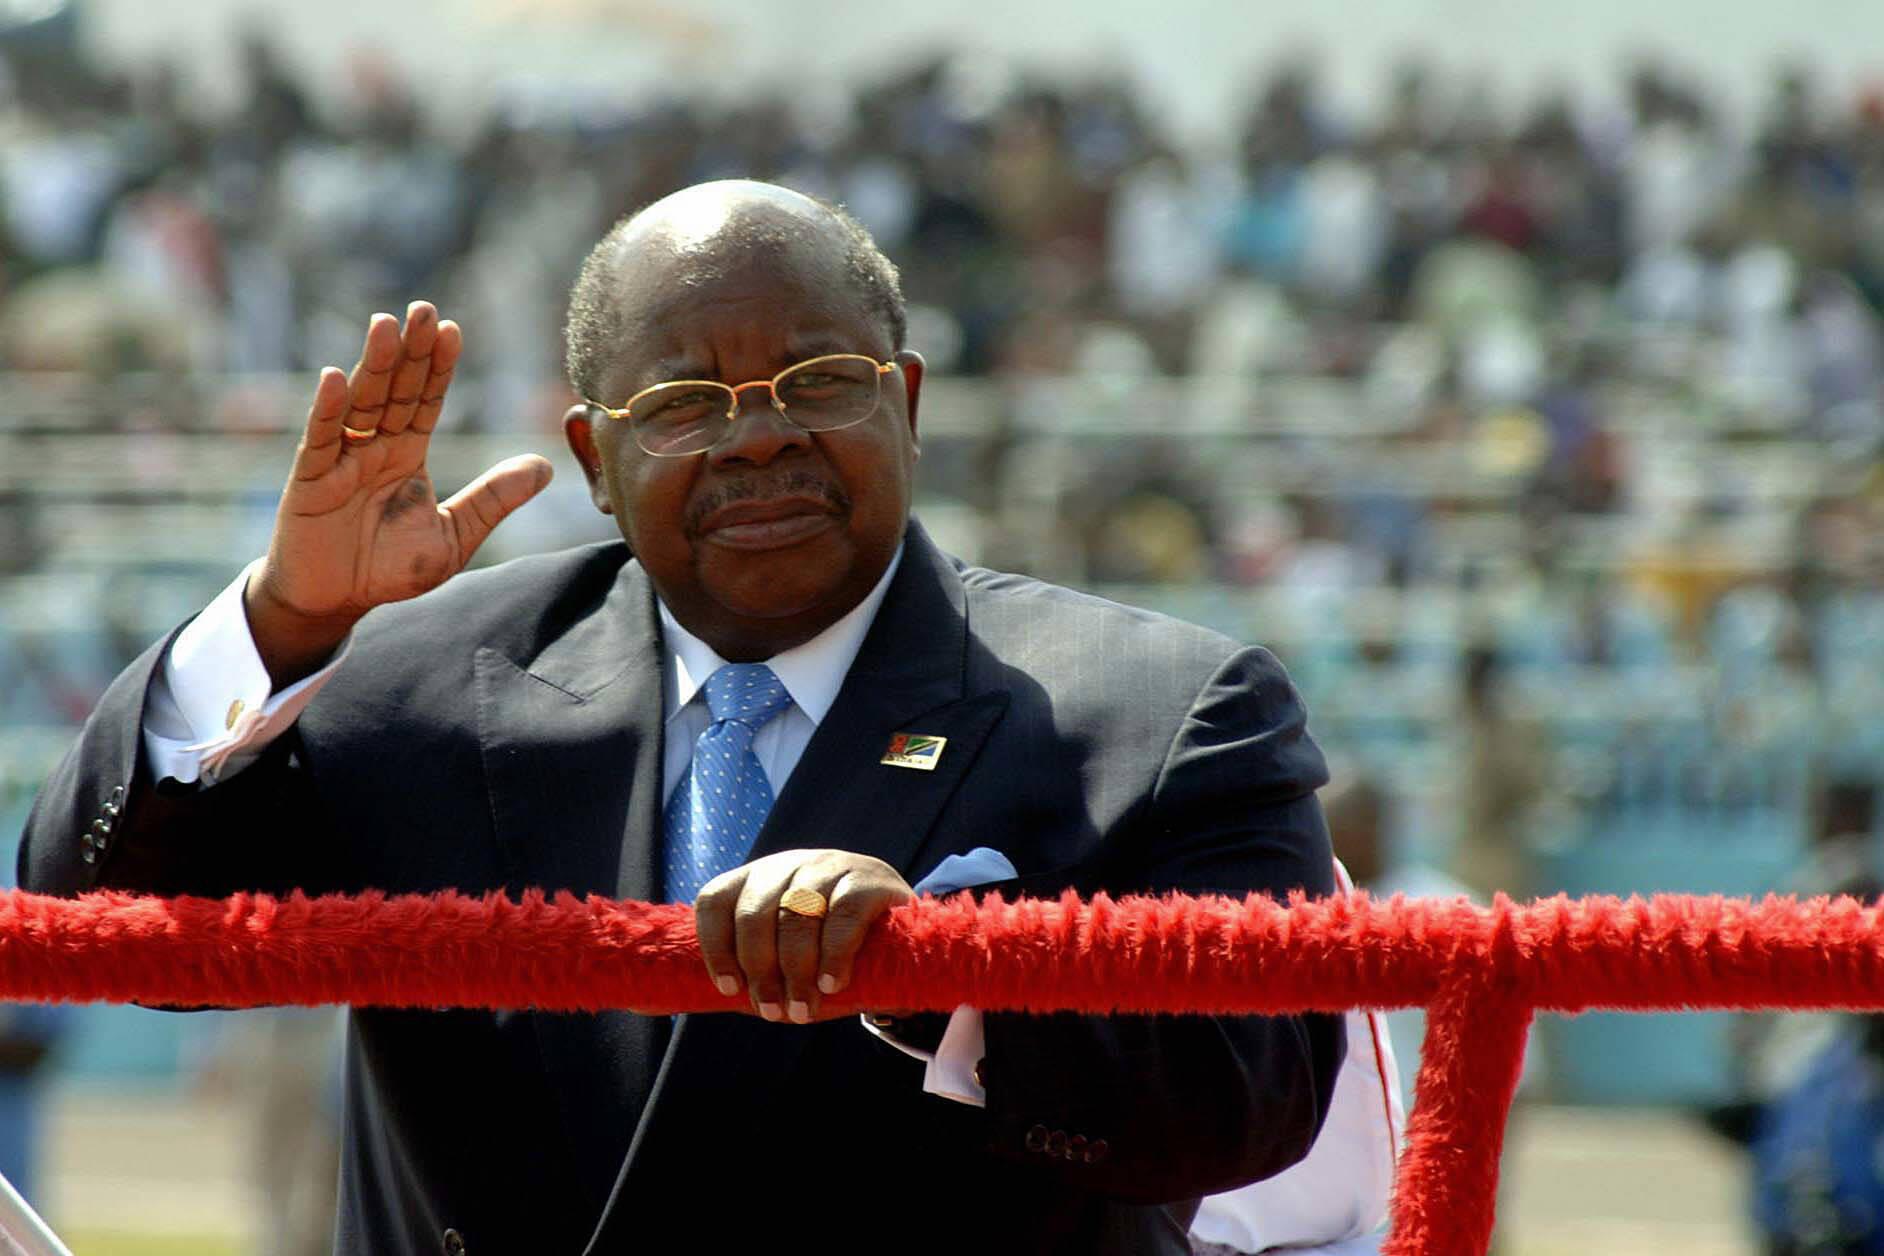 Photo d'archive montrant l'ancien président tanzanien Benjamin Mkapa, le 9 décembre 2005, lors de la cérémonie du 44e anniversaire de l'indépendance de la Tanzanie.